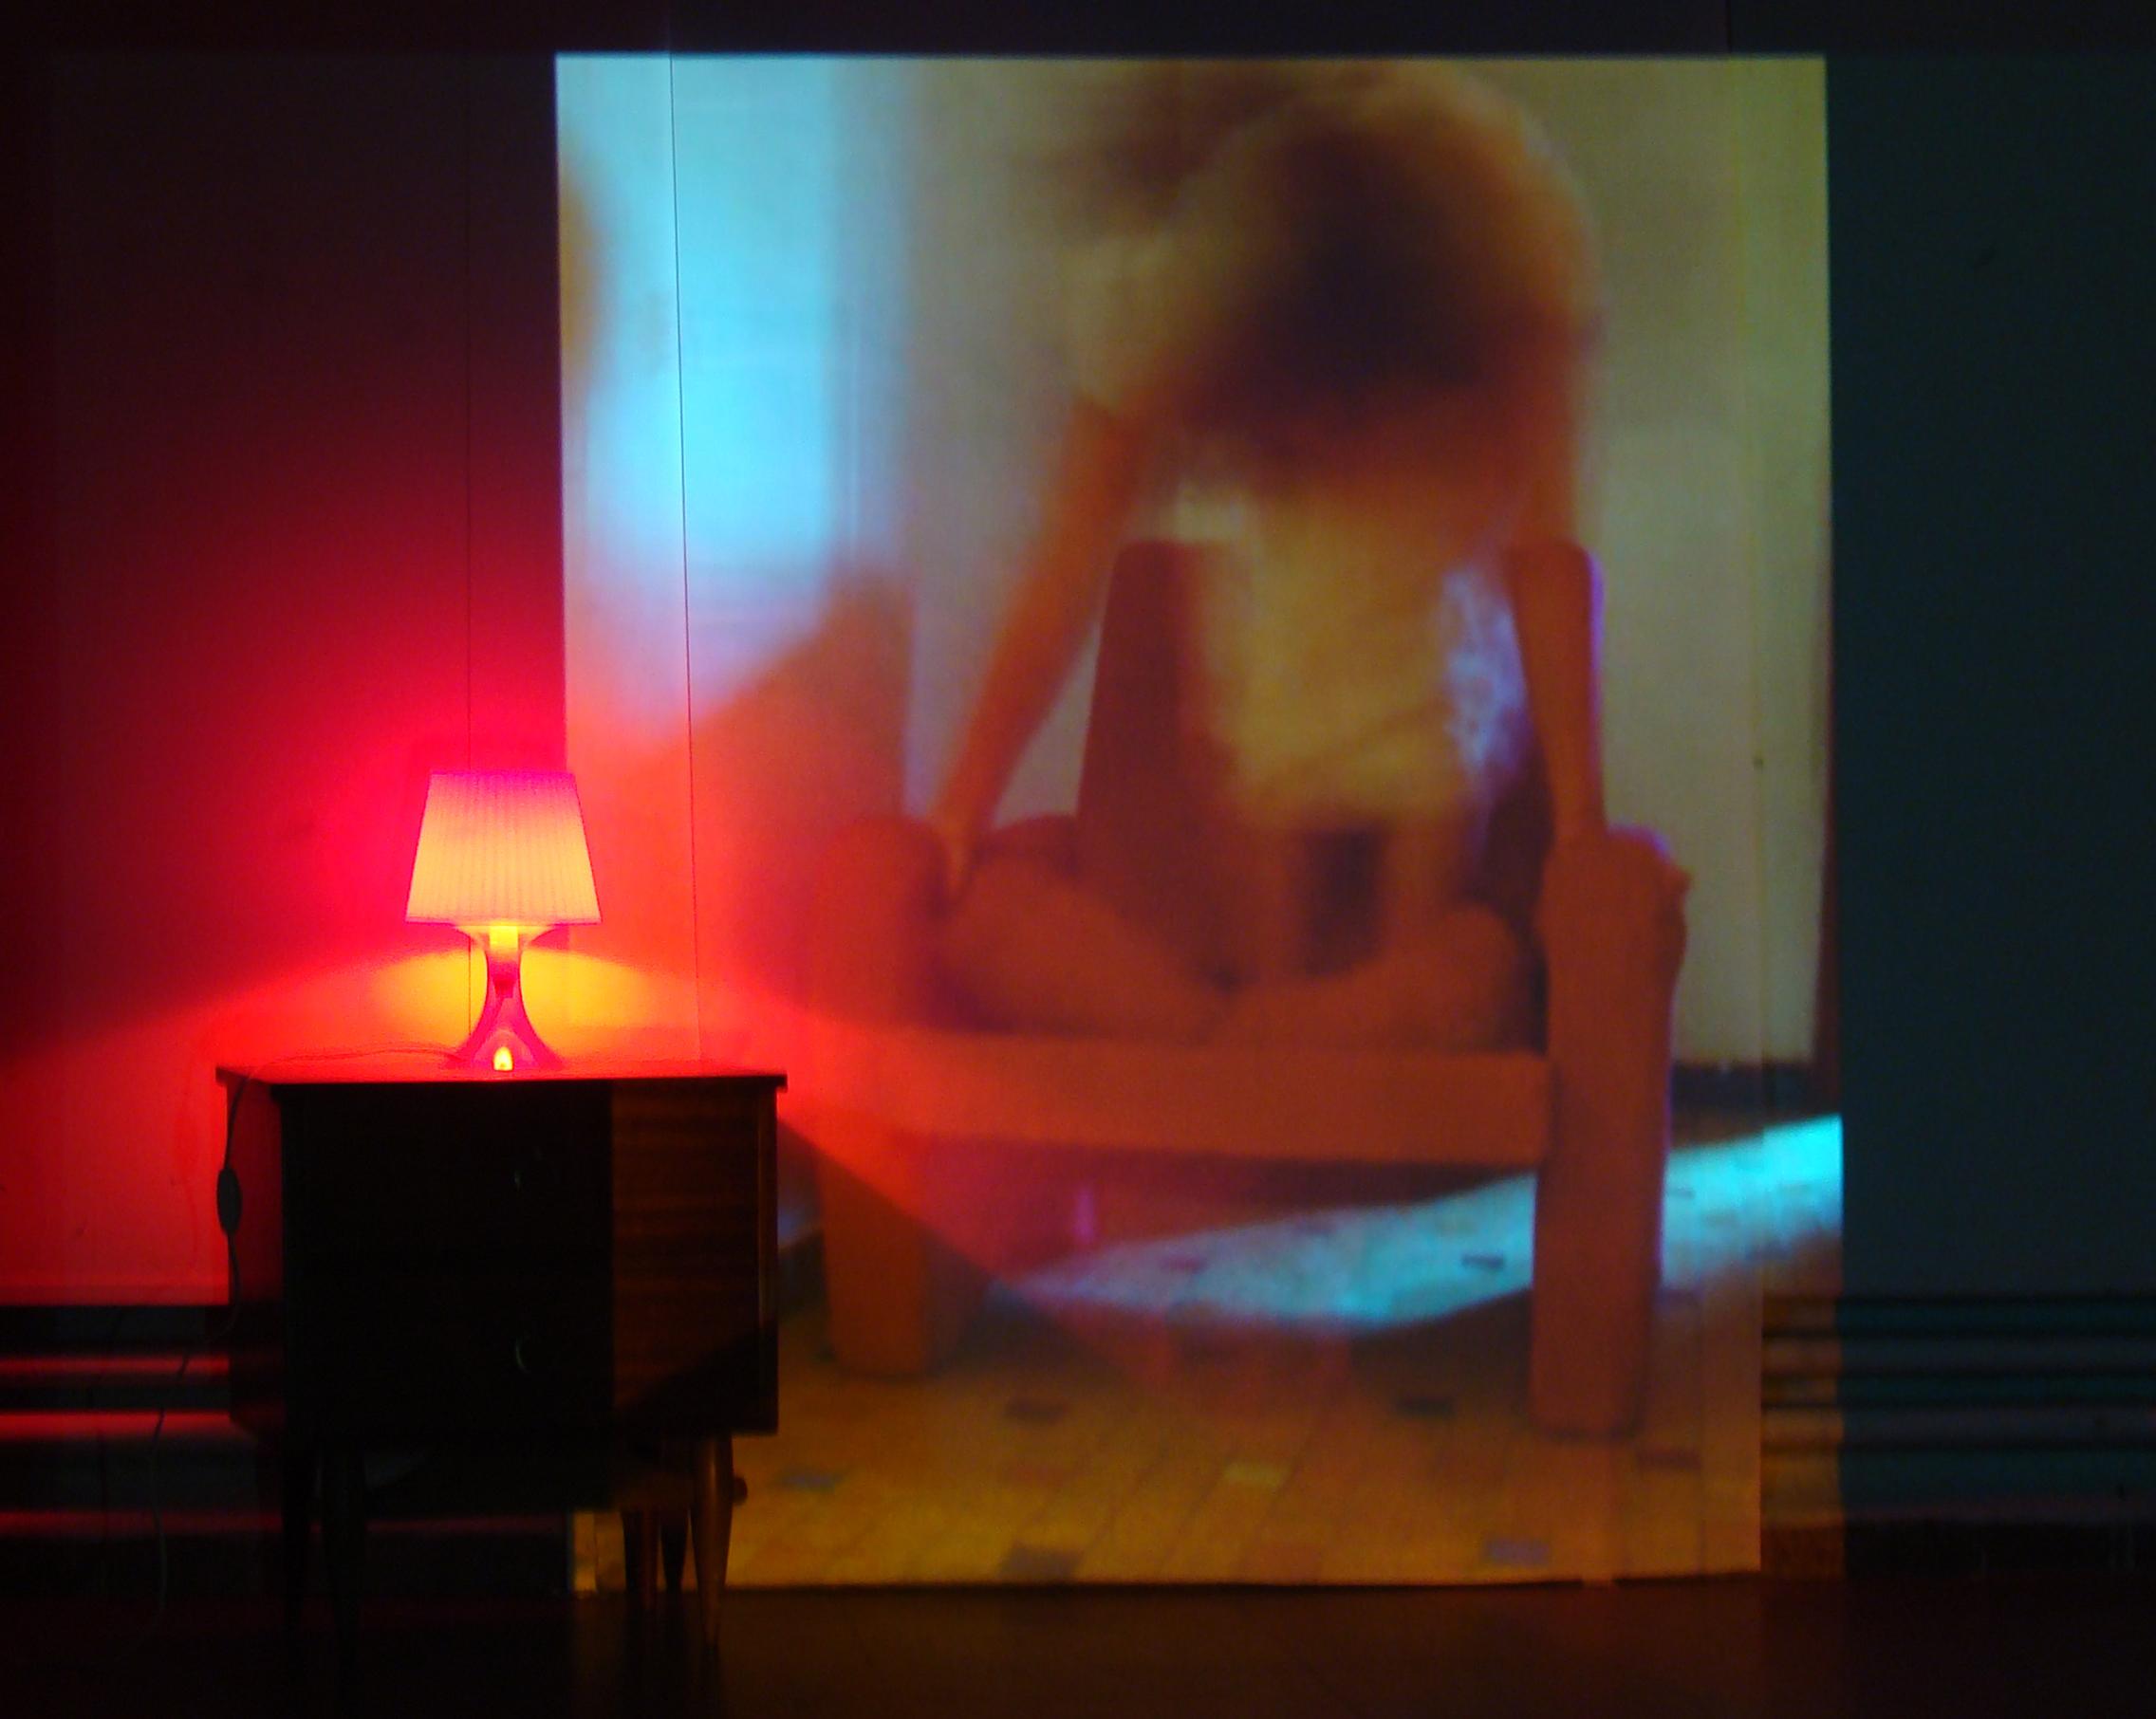 Le fauteuil rouge / Julie Mathieu